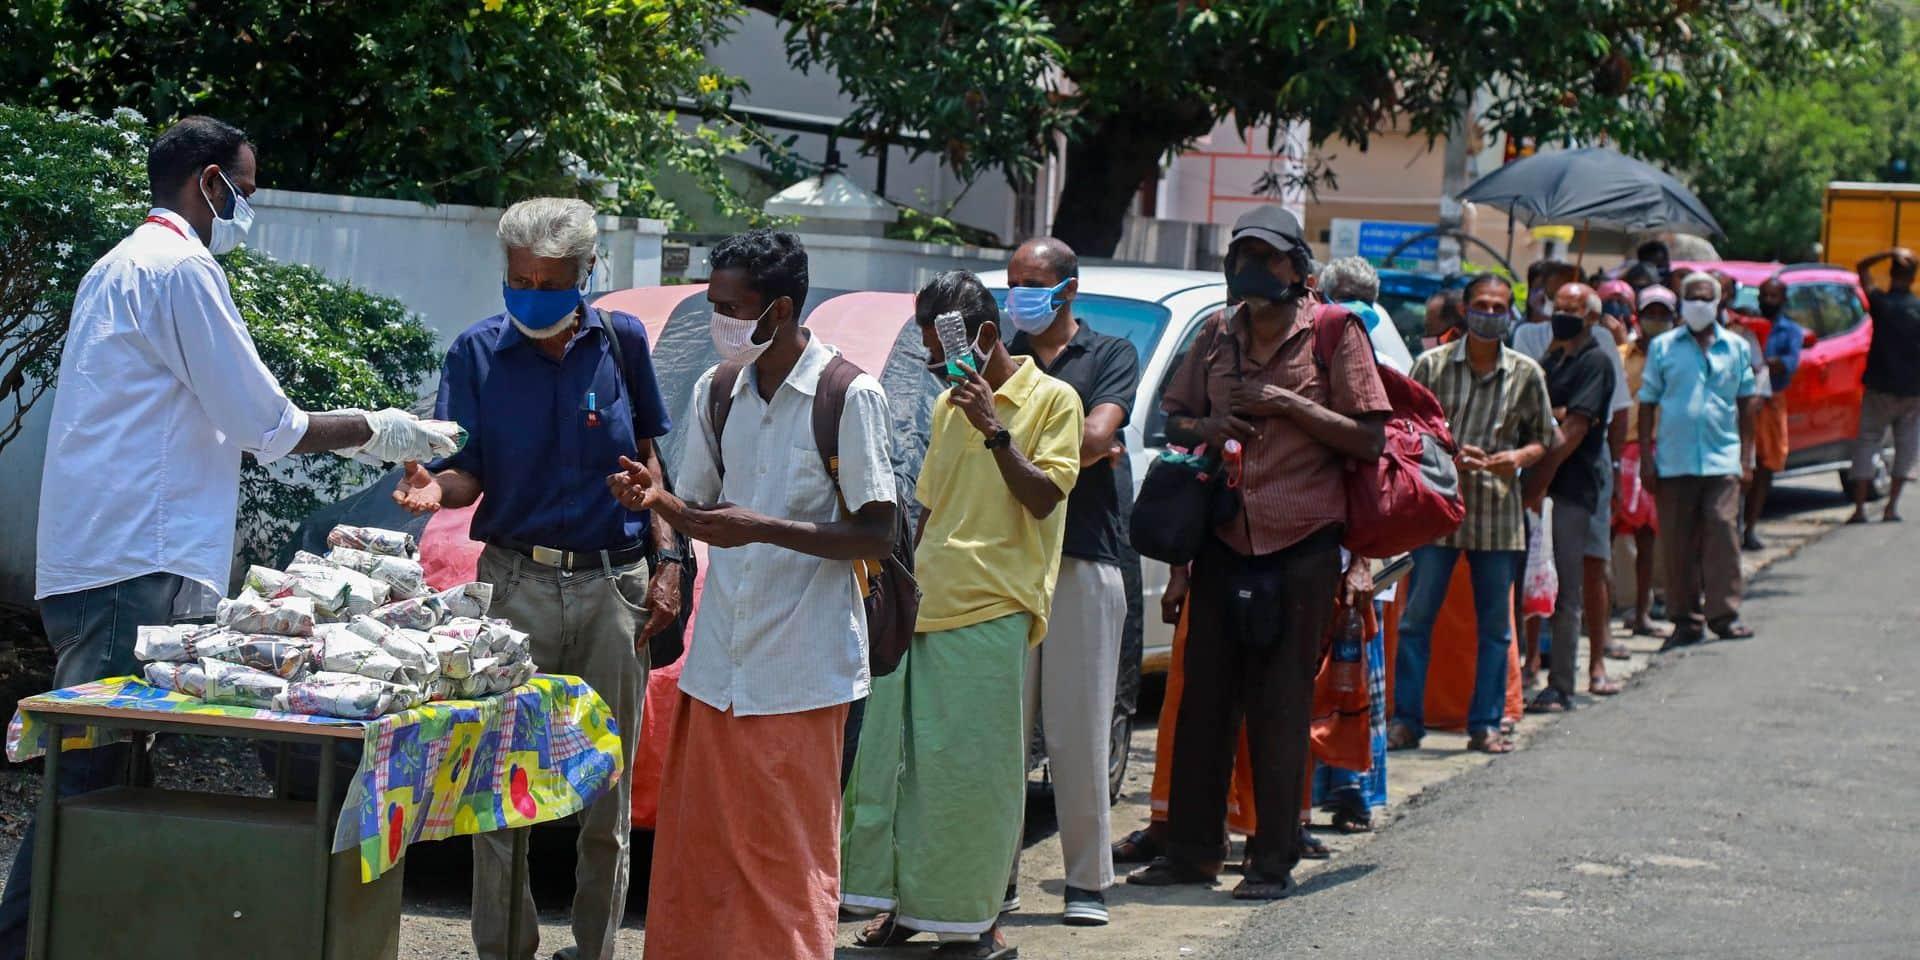 """Le gouvernement indien bloque les dons aux ONG : """"C'est comme si l'on nous avait pris nos chaussures et coupé le pied"""""""